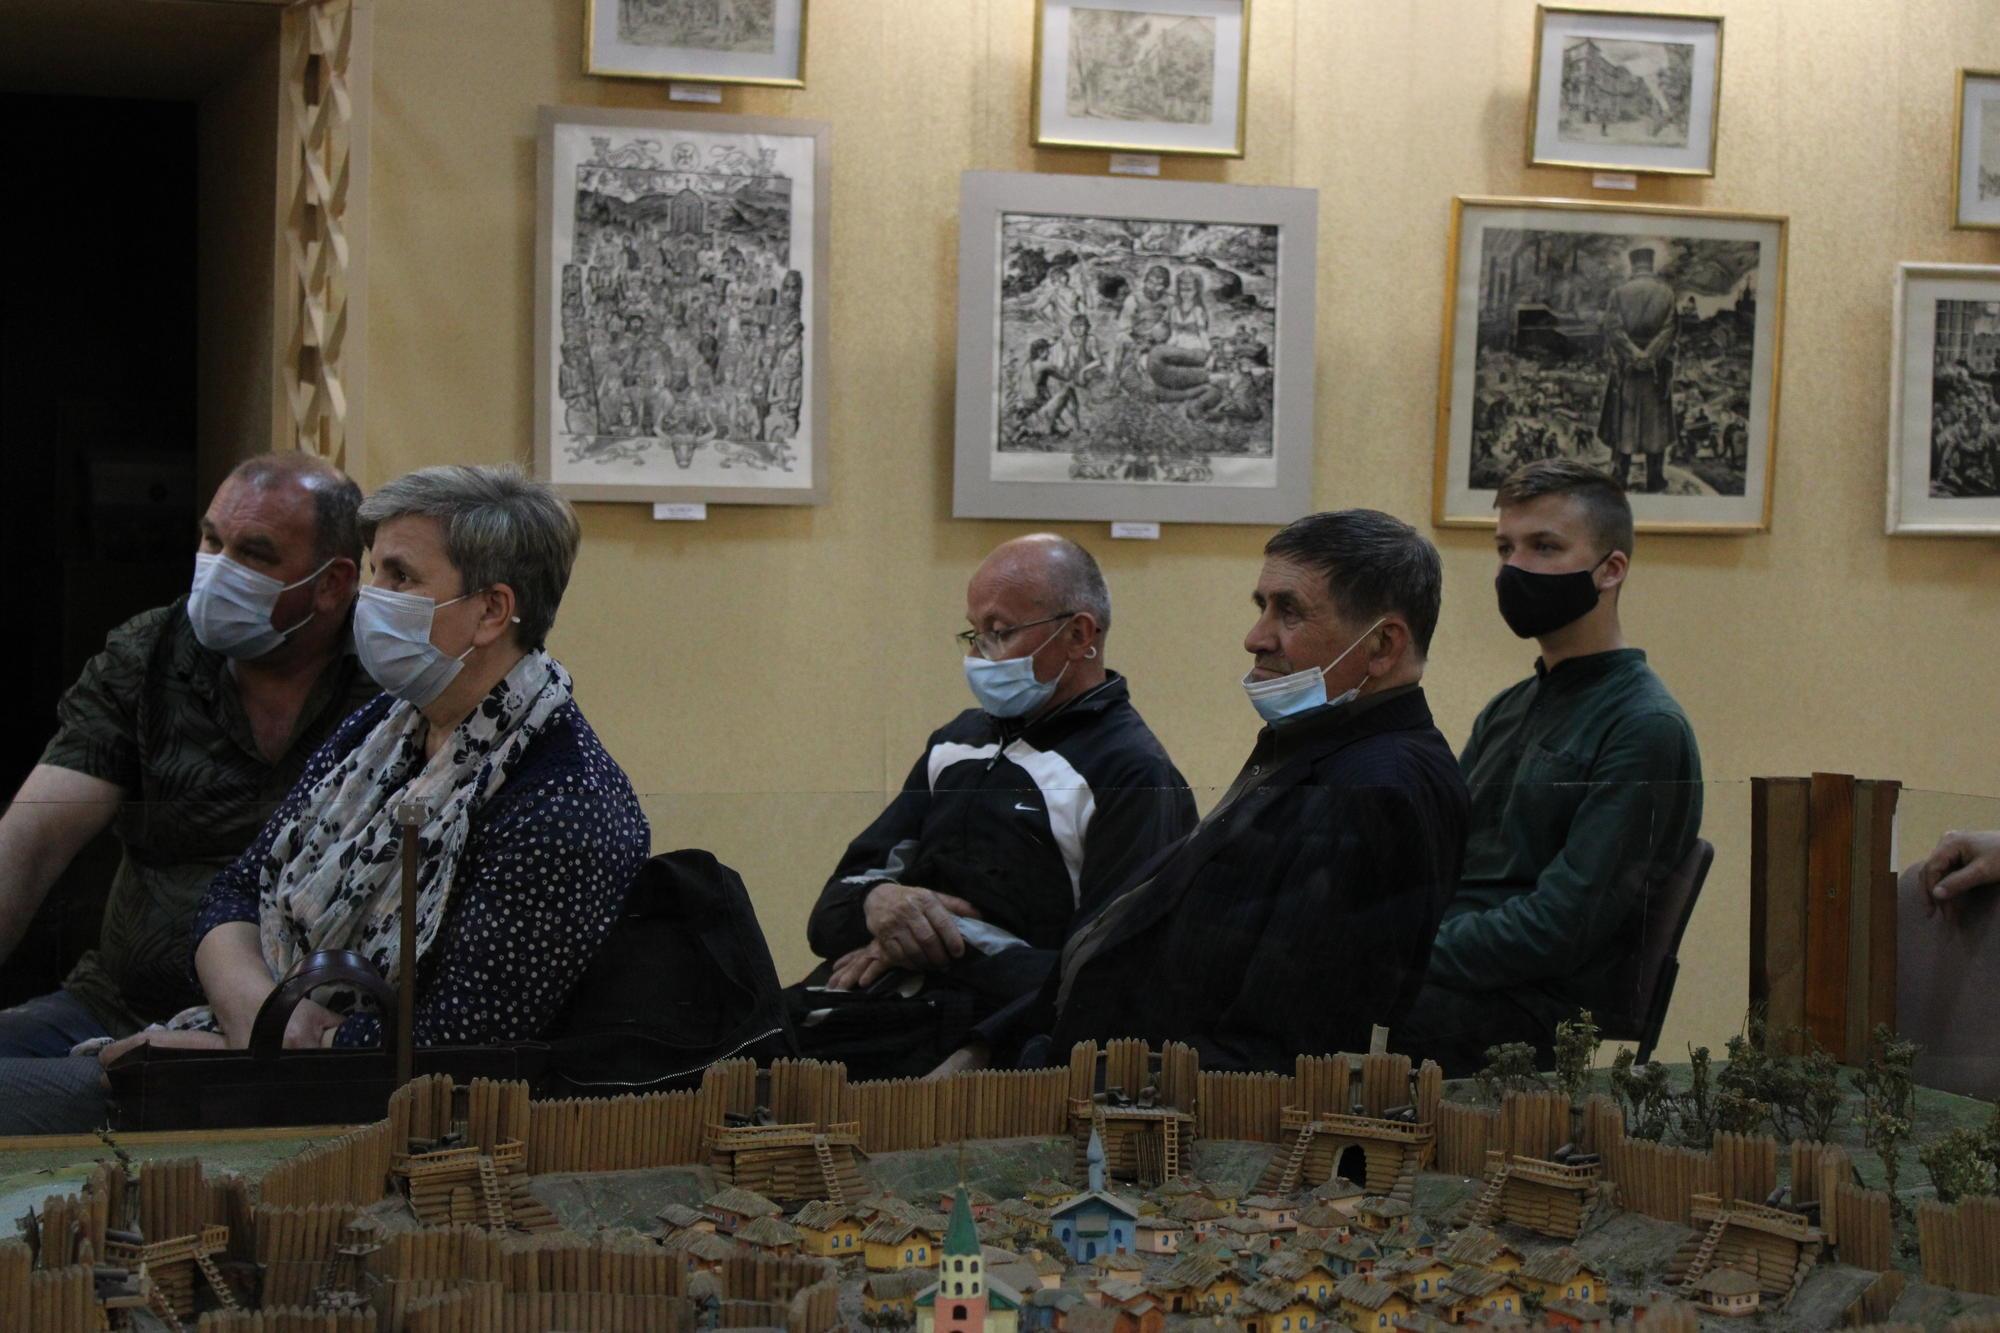 зустріч з Володимиром В'ятровичем у Бахмутському краєзнавчому музеї